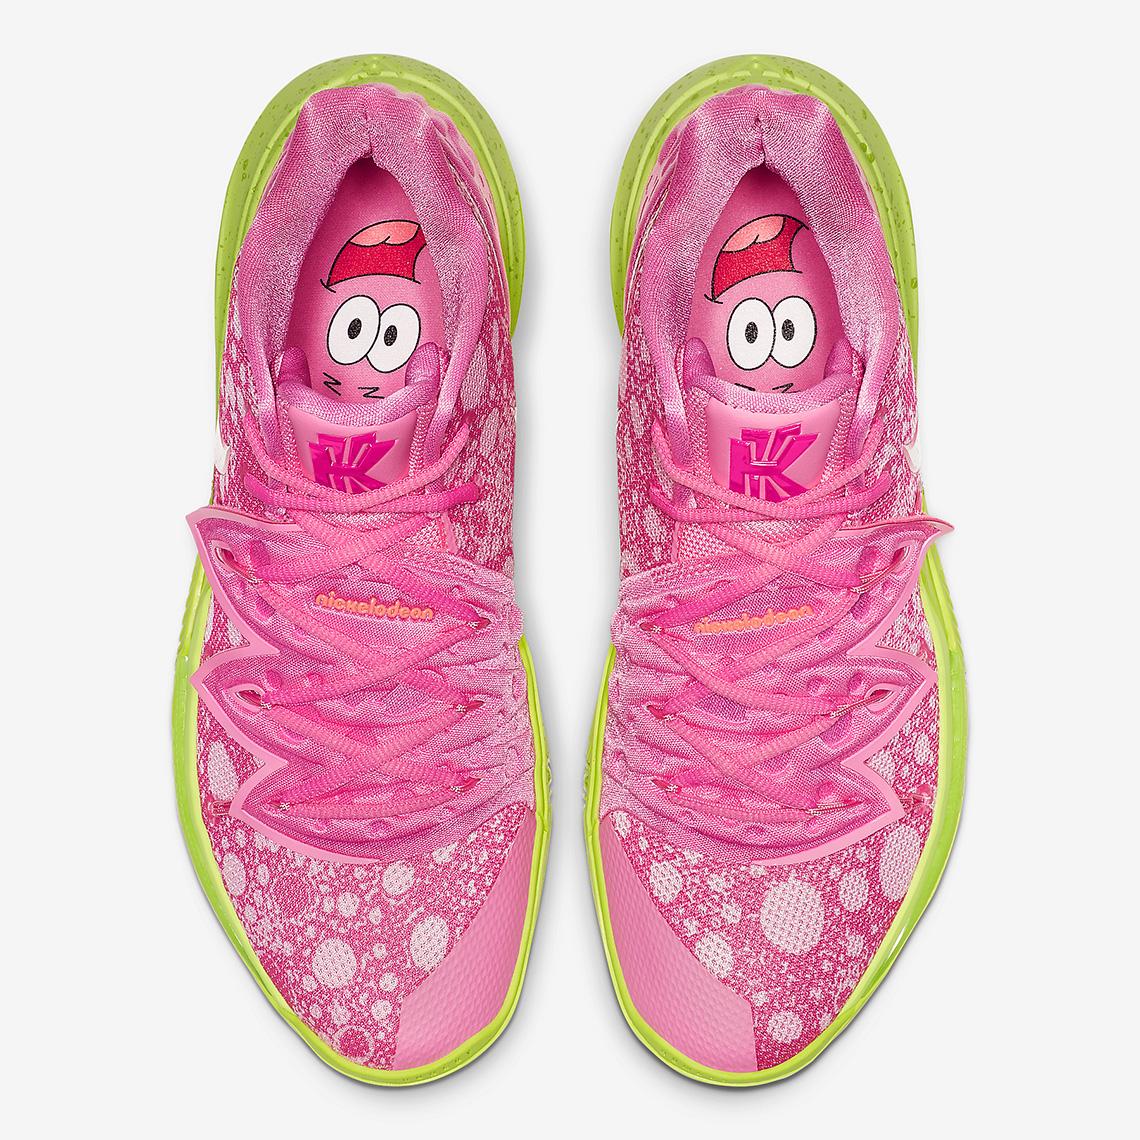 Spongebob Nike Kyrie 5 Patrick Star